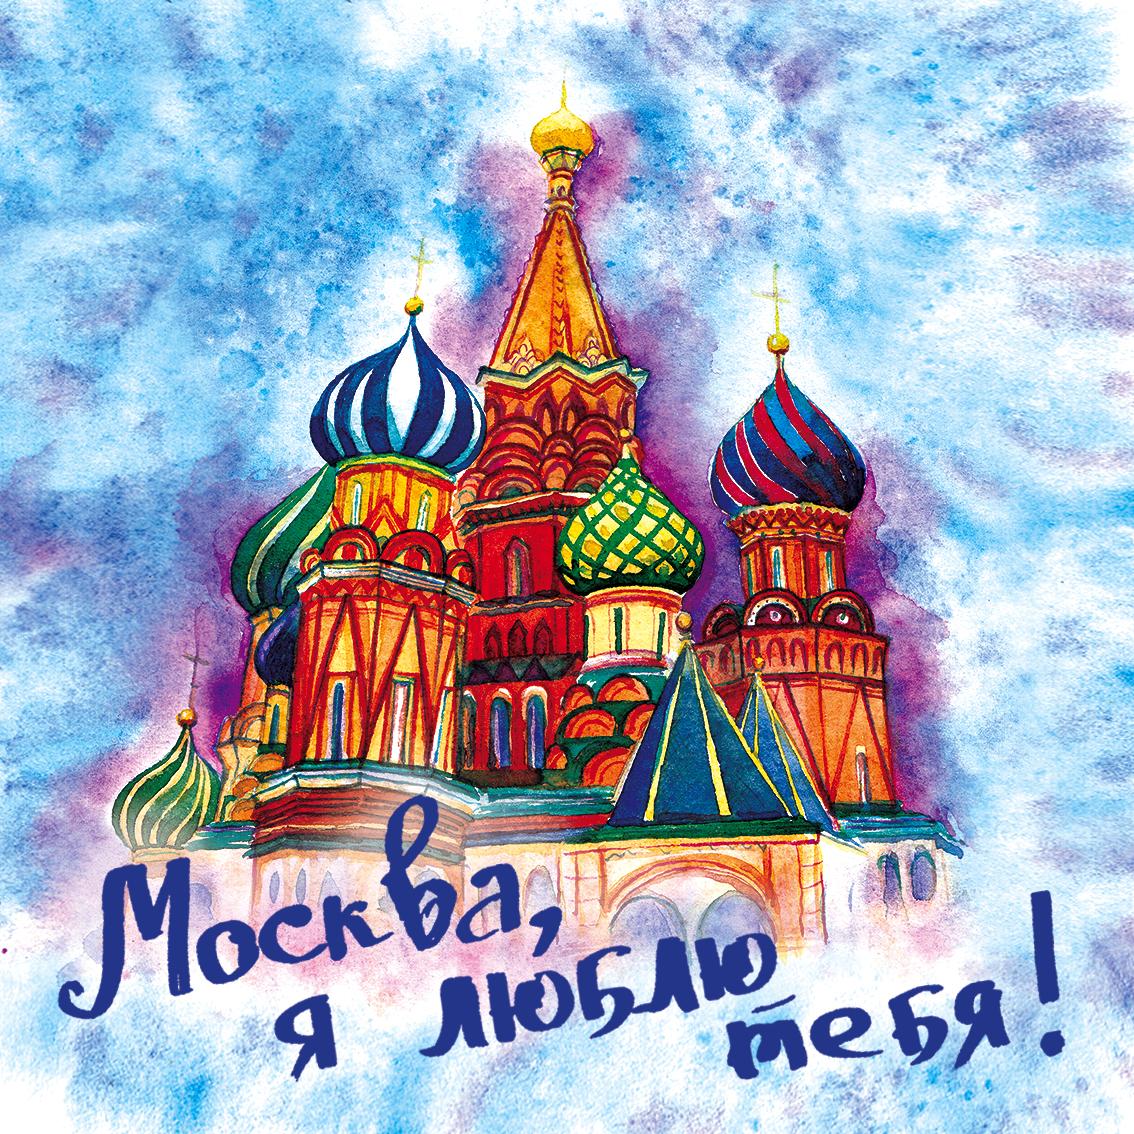 Подставка под горячее Эксмо Москва, я люблю тебя!, 10 х 10 см повязка атрауман с серебром 10 х 10 см n 10